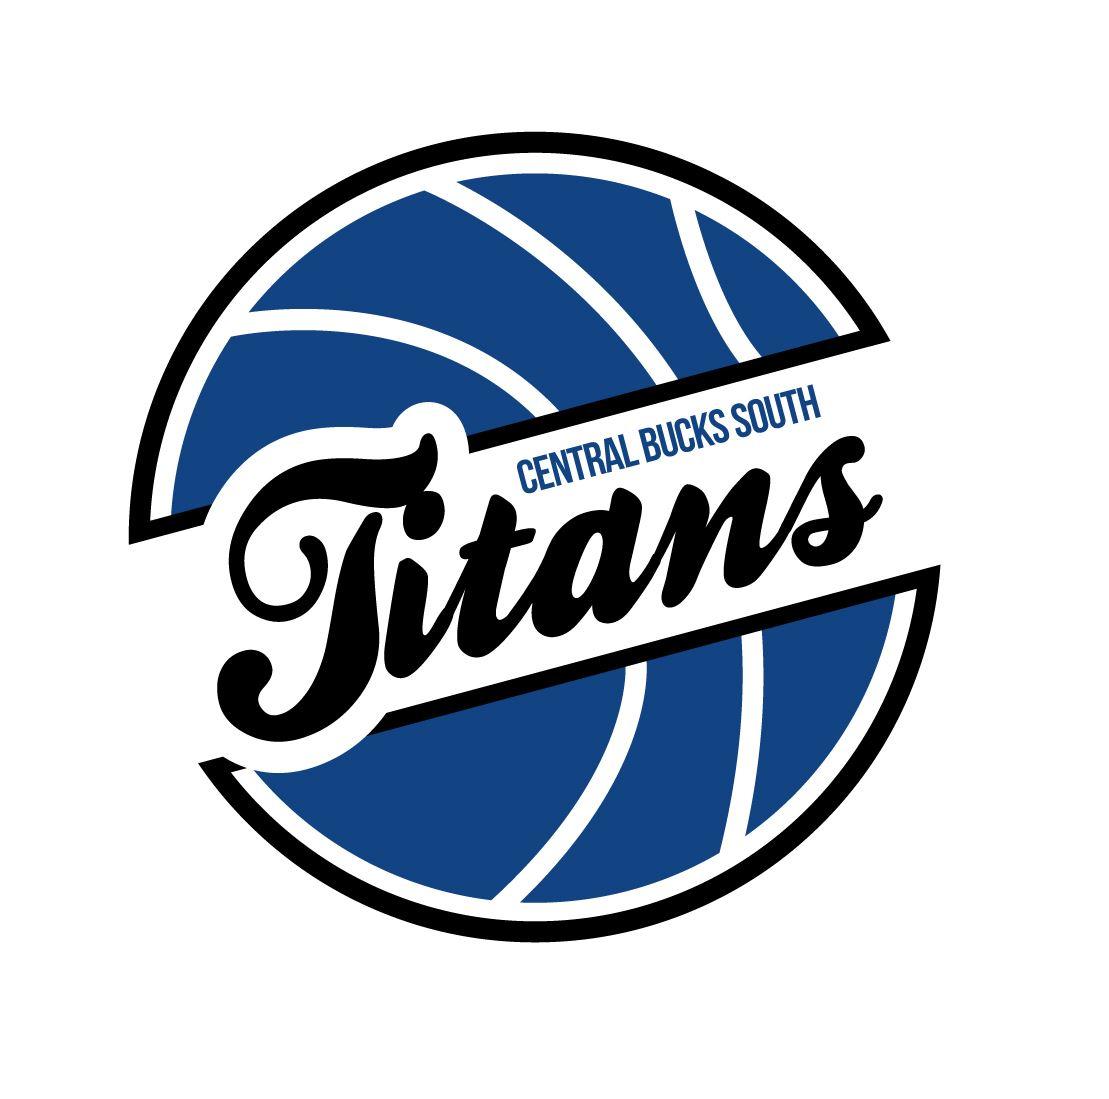 Central Bucks South High School - Boys Varsity Basketball